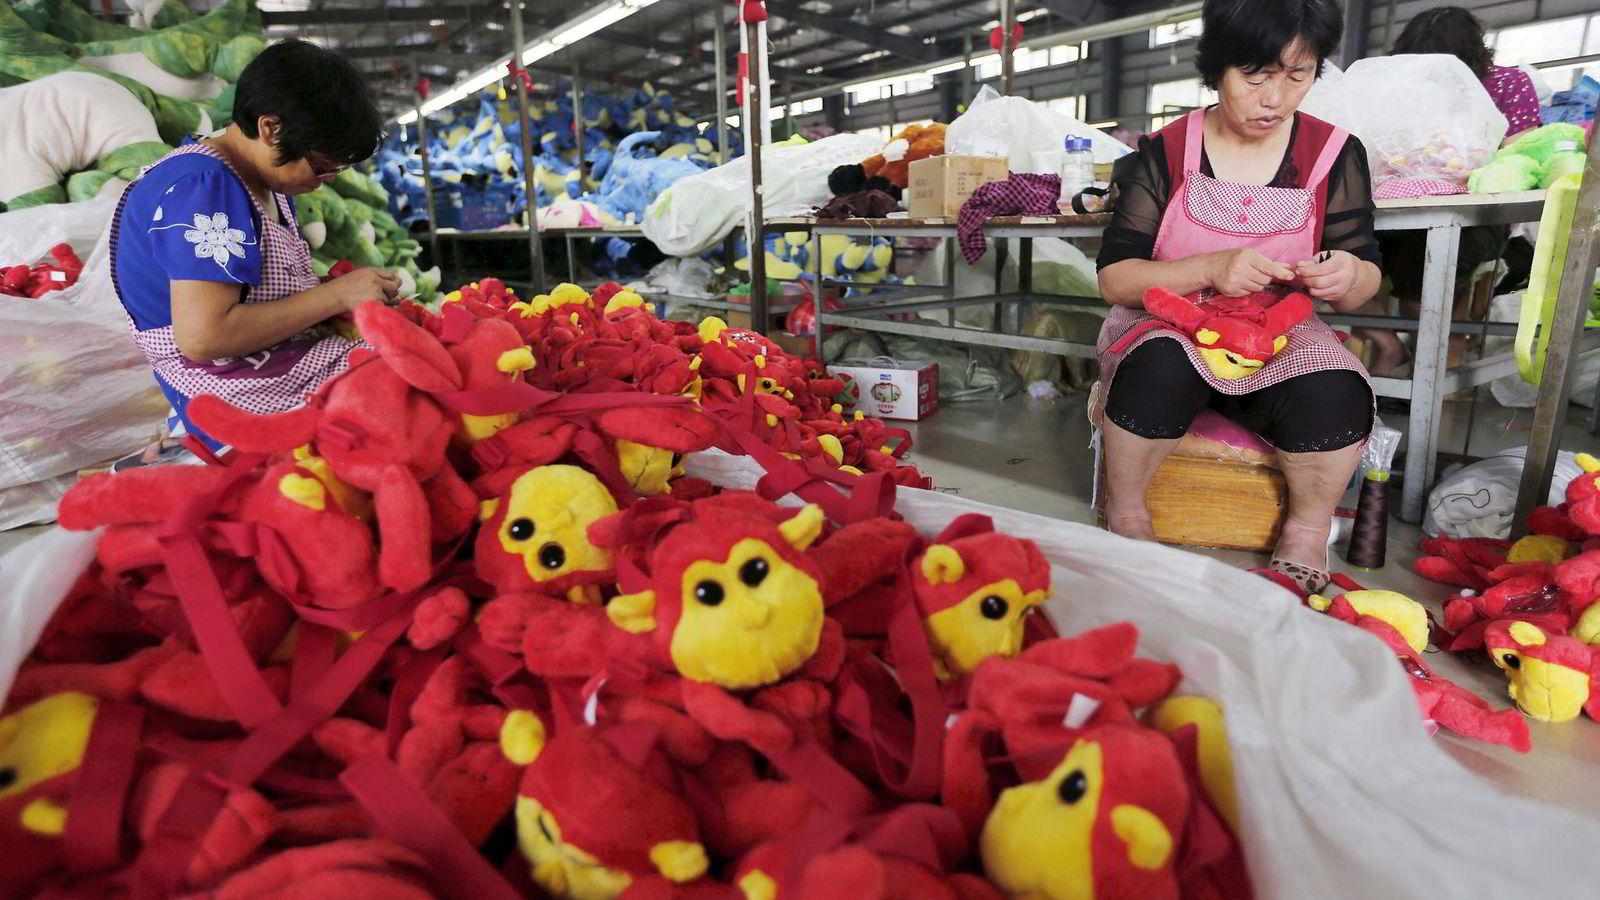 Varehandel er et substitutt for arbeidskraftmobilitet. Importvarer fra Kina – varer som krever mye ufaglært arbeidskraft å produsere – reduserer etterspørselen etter ufaglært arbeidskraft i Europa og USA. Foto: China Stringer Network/Reuters/NTB Scanpix